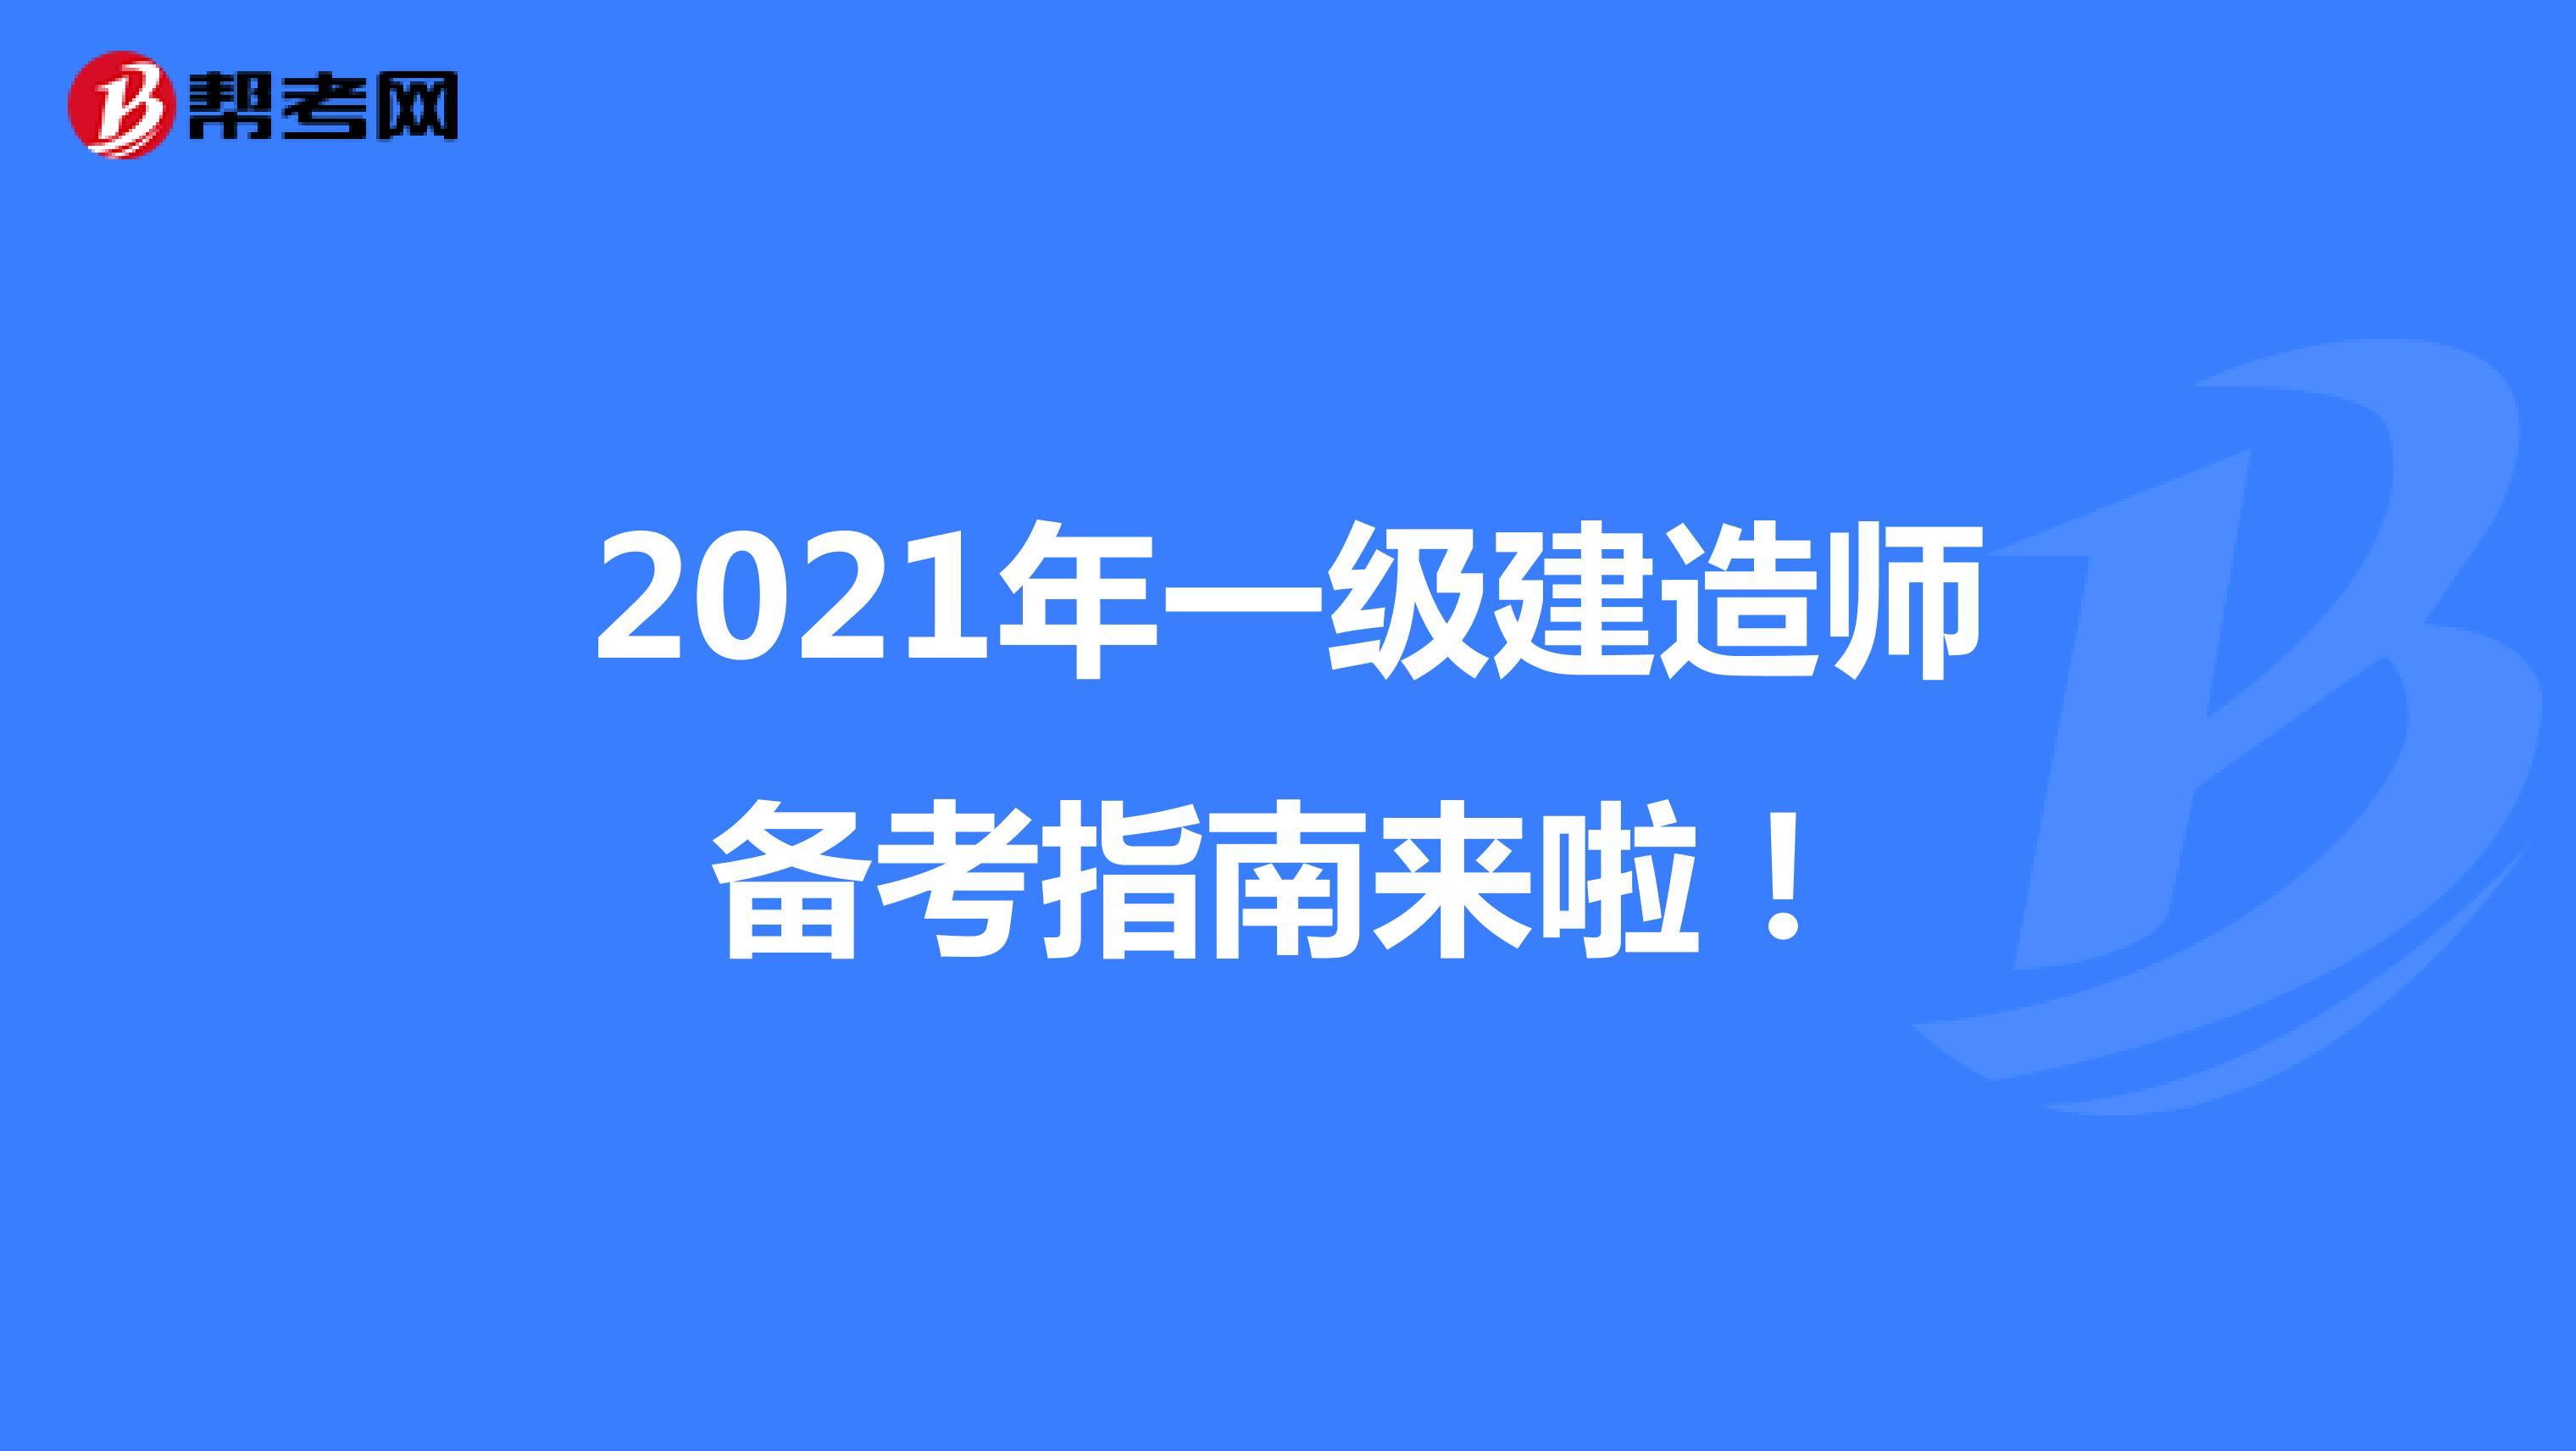 2021年一级建造师备考指南来啦!